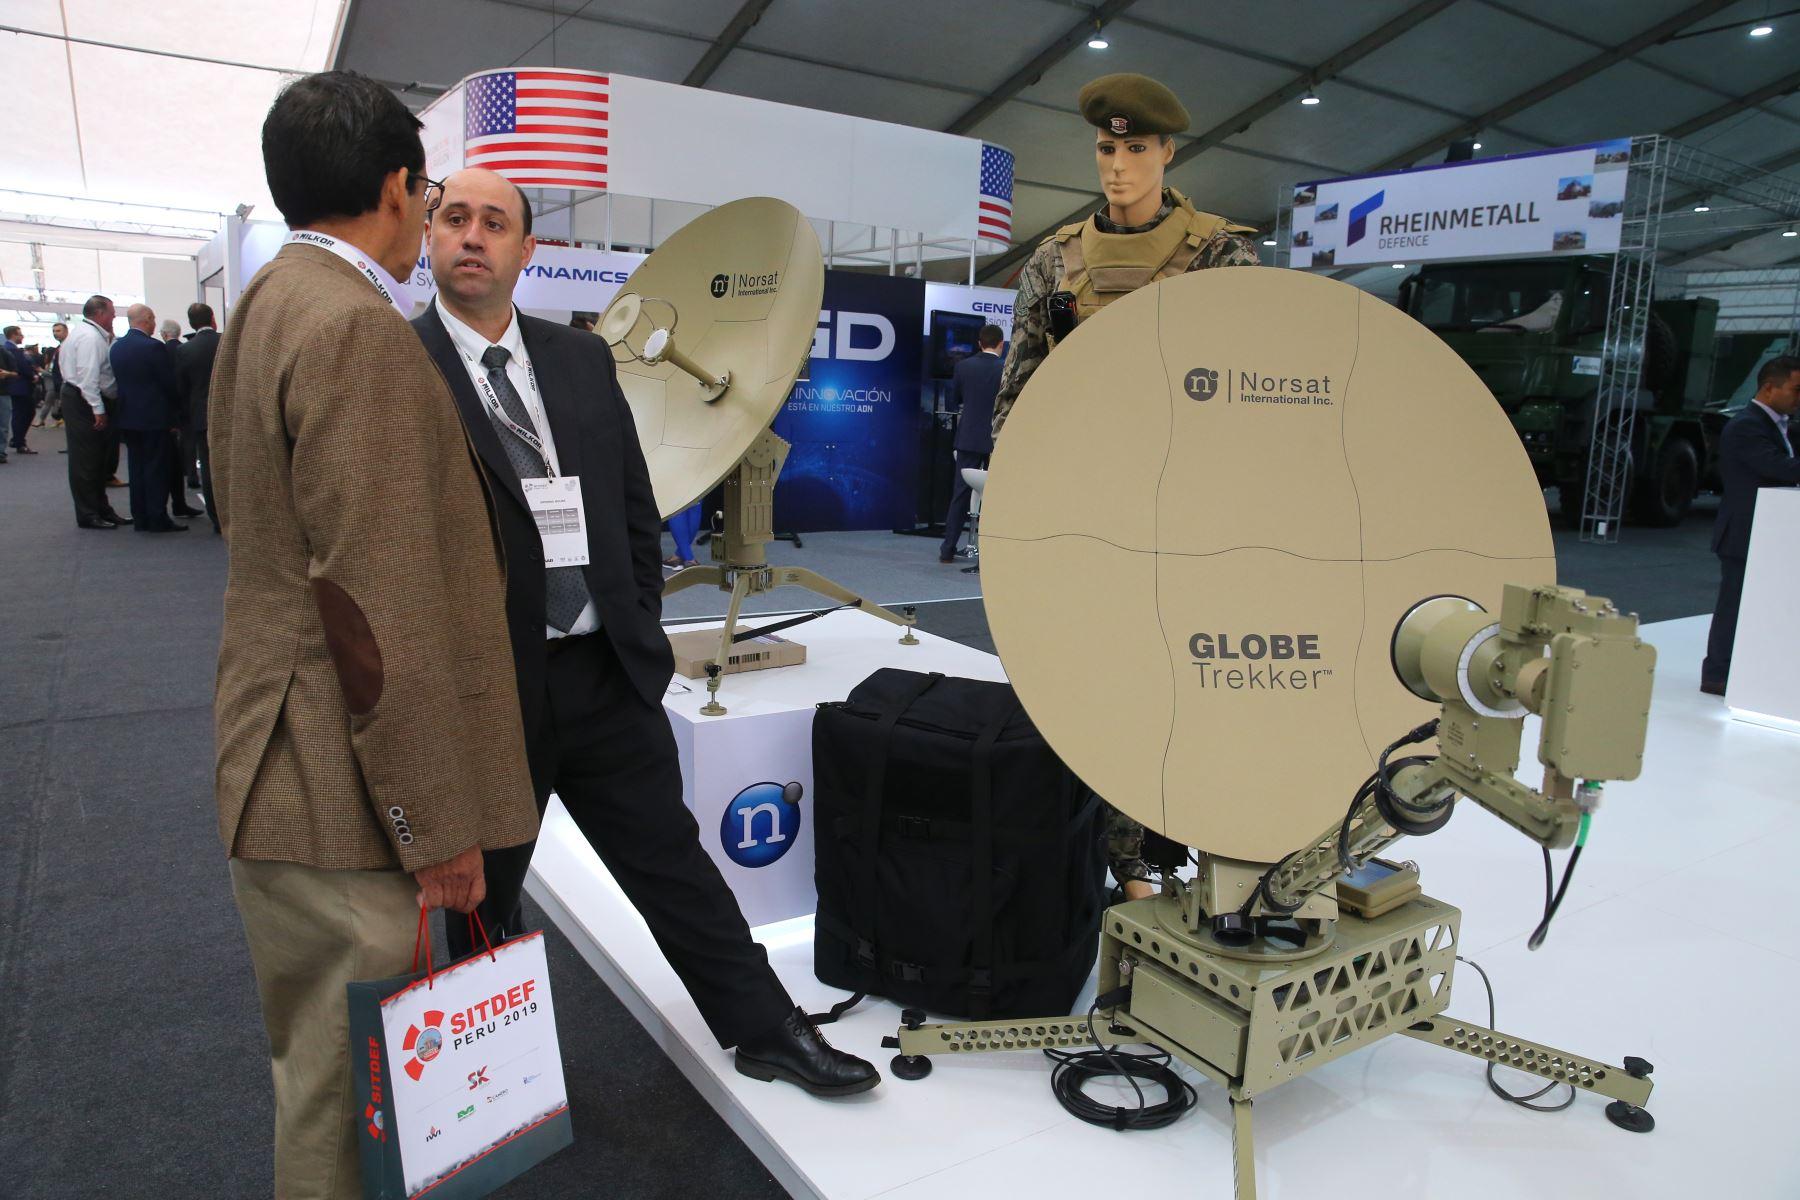 Inauguración del VII Salón Internacional de Tecnología para la Defensa y Prevención de Desastres - SITDEF 2019; evento que muestra la última tecnología de medios militares y ciberseguridad. Foto: ANDINA/Vidal Tarqui